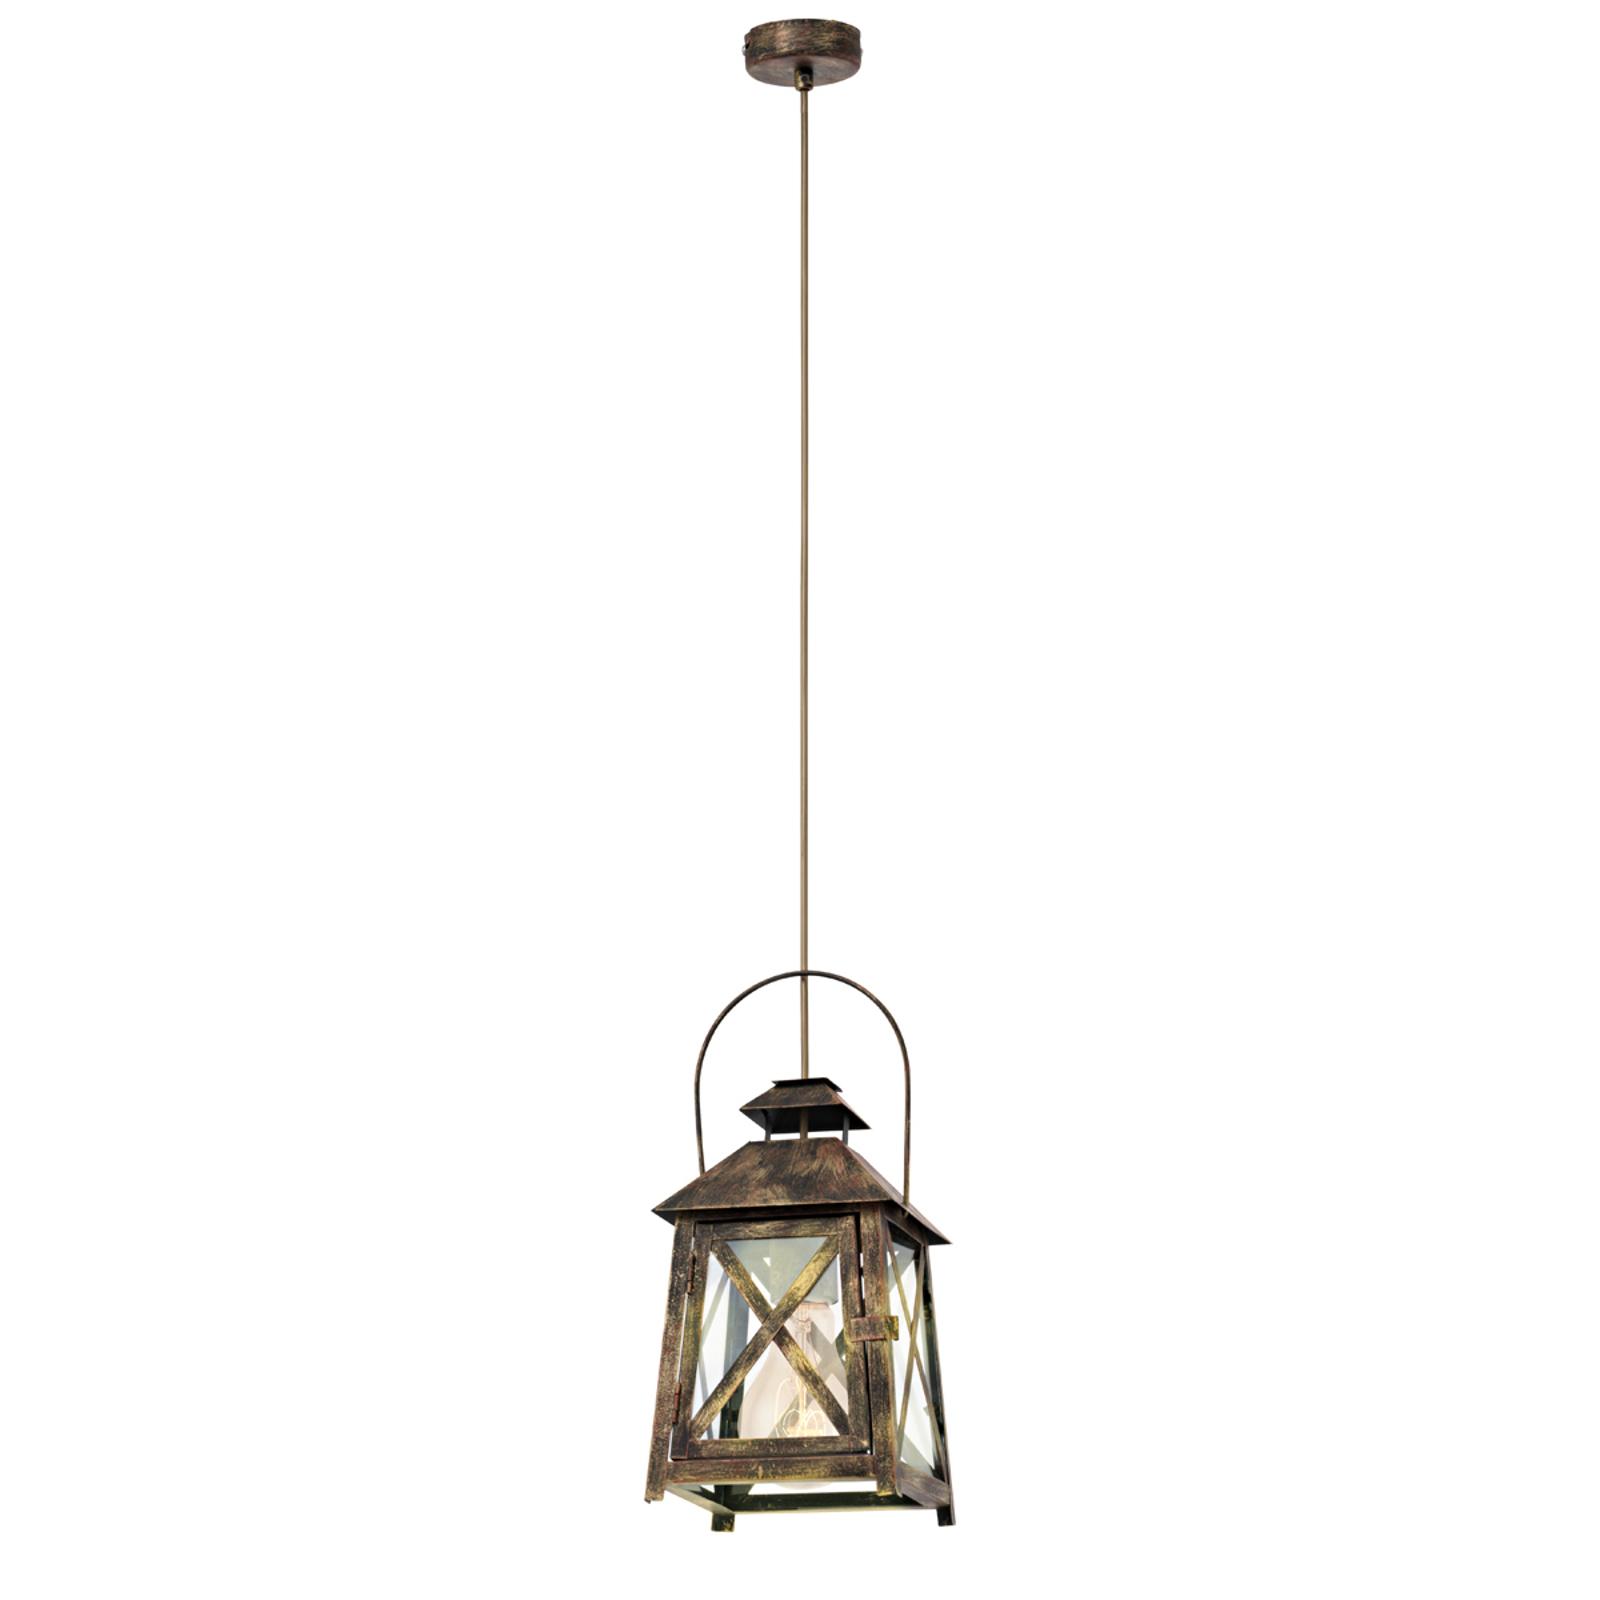 Valena - hængelampe i lanterneform